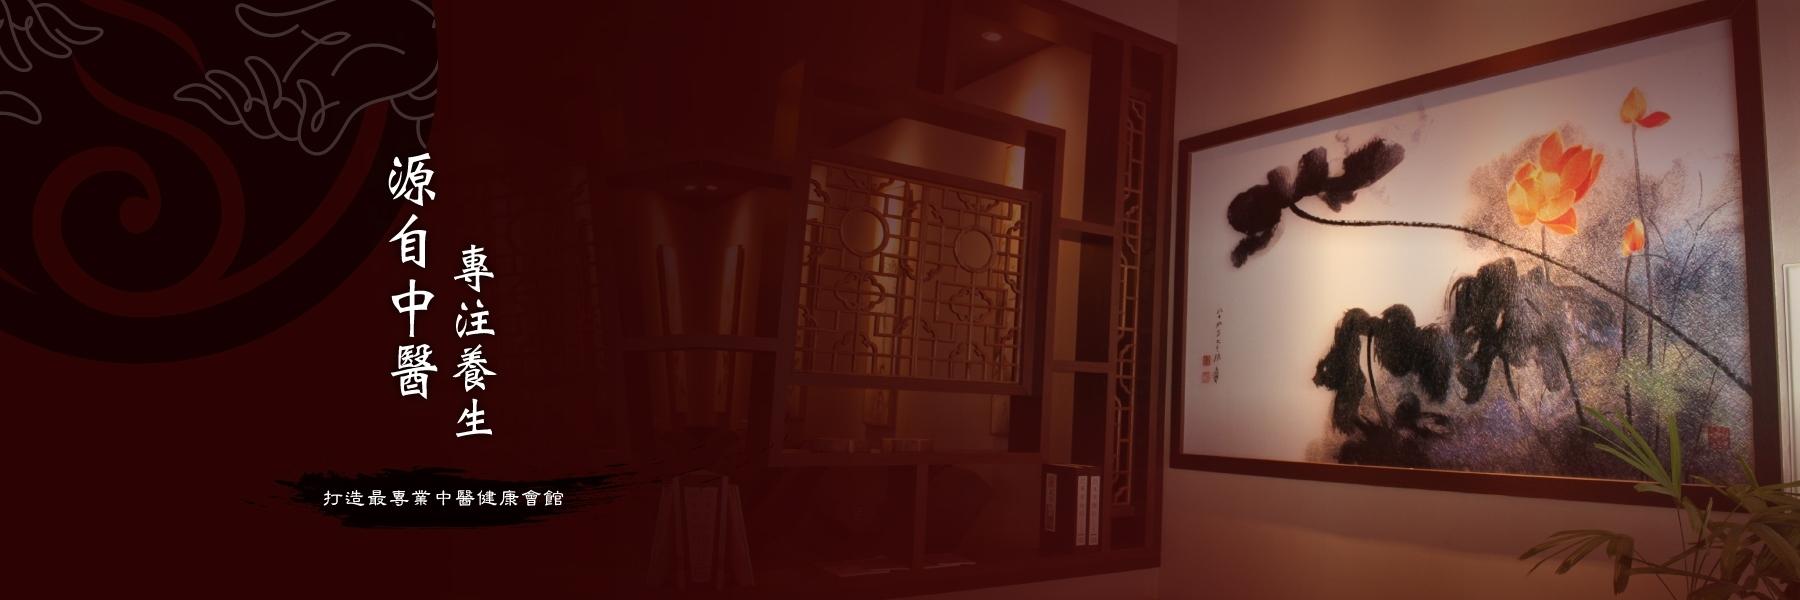 新竹按摩SPA哪間推?口碑推薦排行榜TOP20(下)—竹北鄉親養生館、御仙堂、三沐養生館 @東南亞投資報告